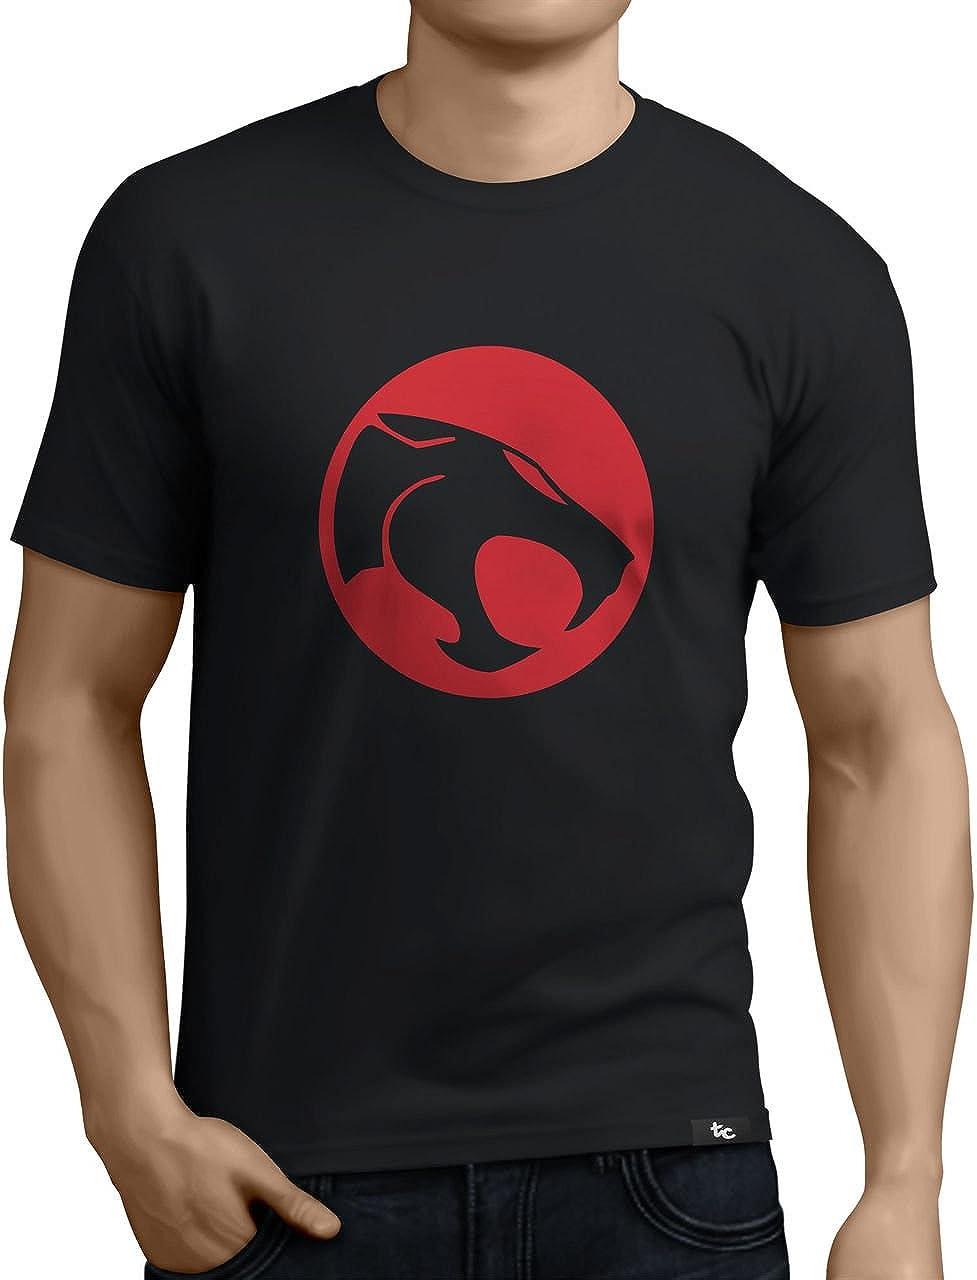 Tuning Camisetas - Camiseta Divertida para Hombre - Modelo Thundercats